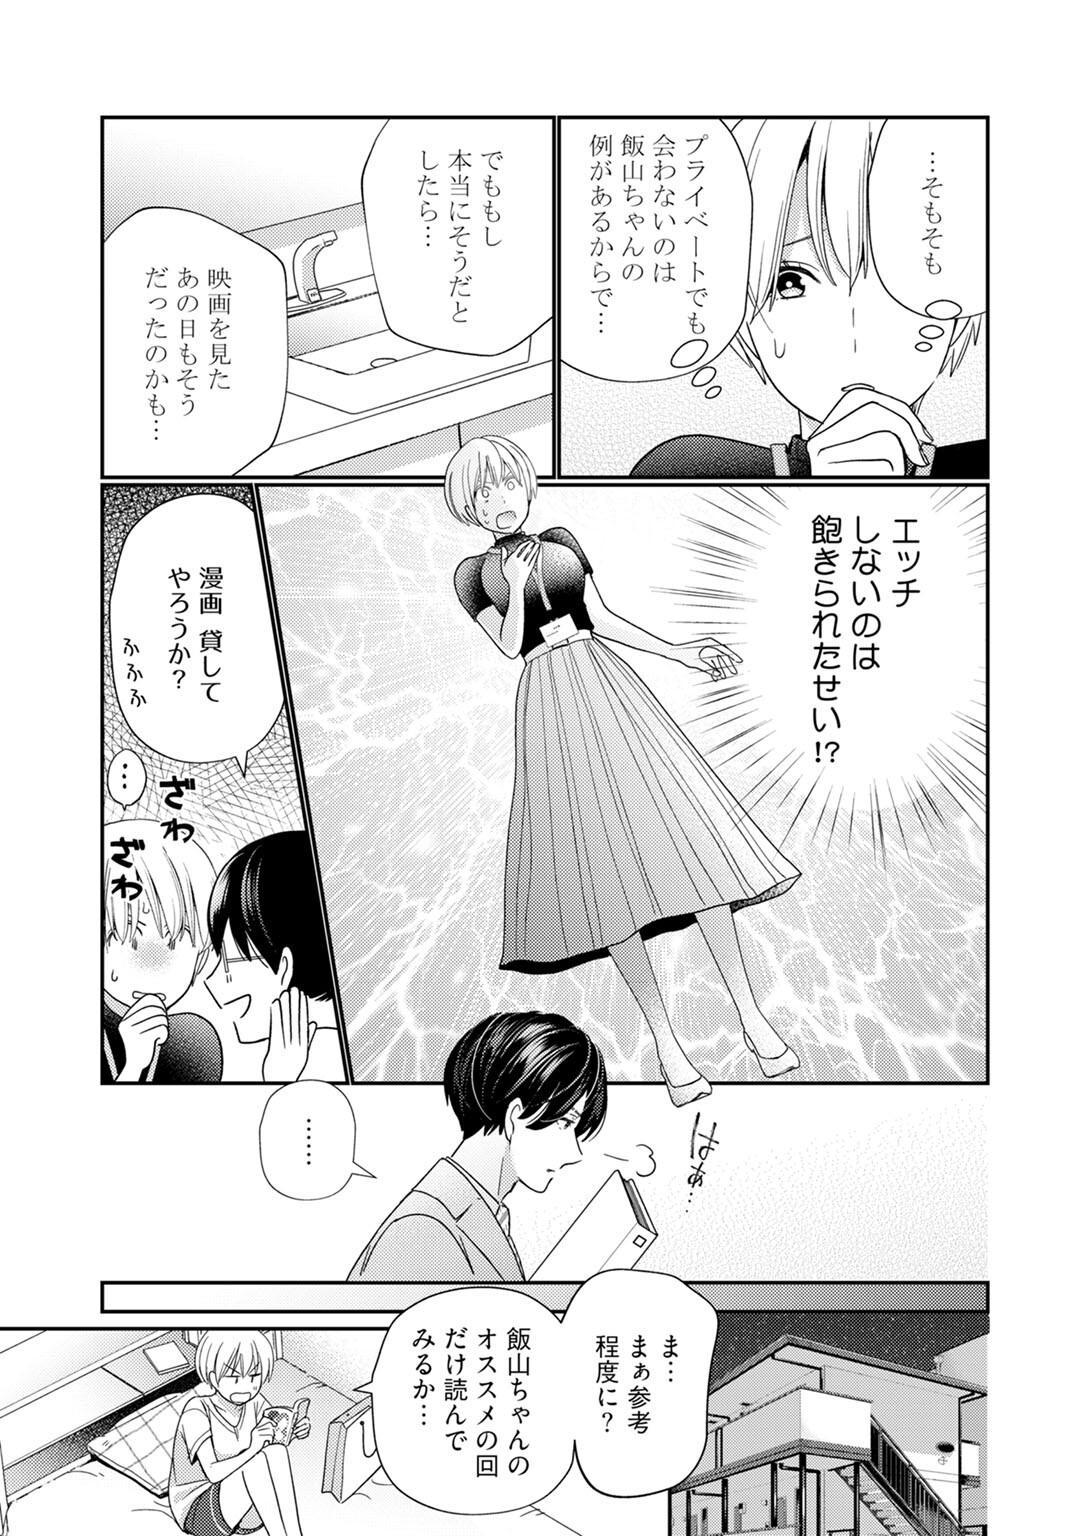 [Okonogi Happa] Kyonyuu-chan to Kyokon Joushi -Kaisha de Musabori Sex- act. 7 12